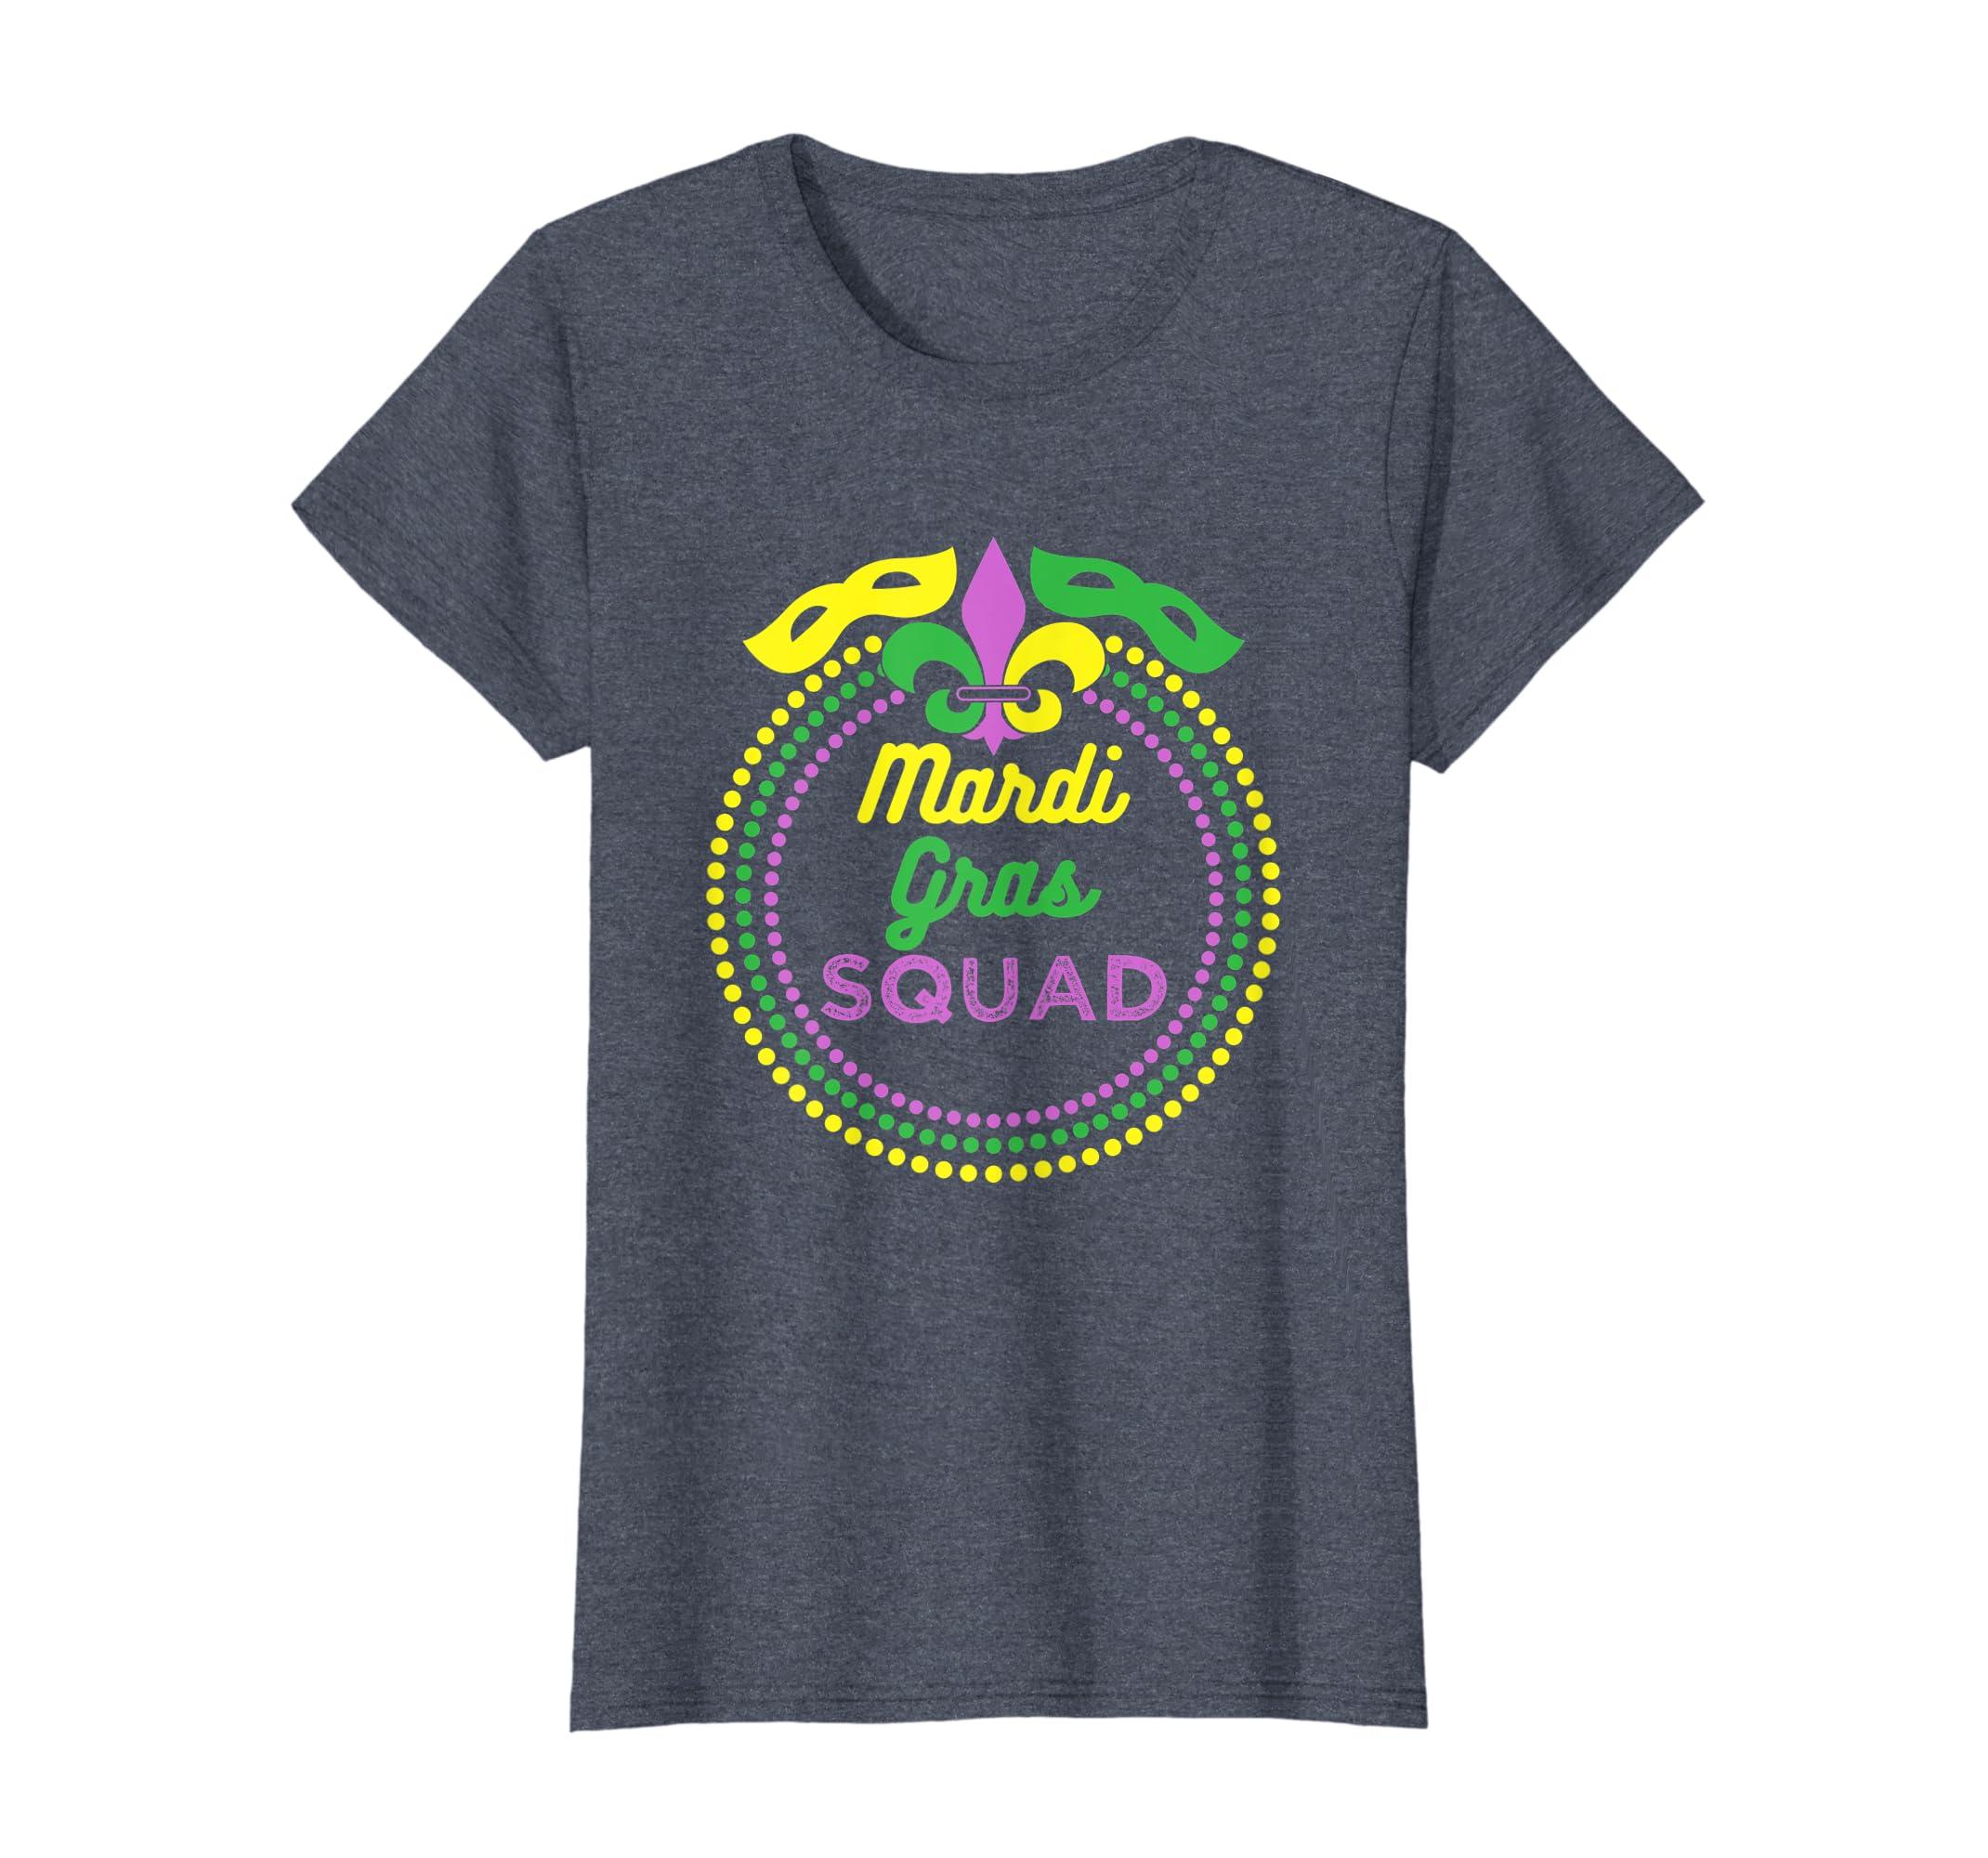 b62f3936 Amazon.com: Mardi Gras shirt Funny Festival Mardi Gra T-Shirt: Clothing